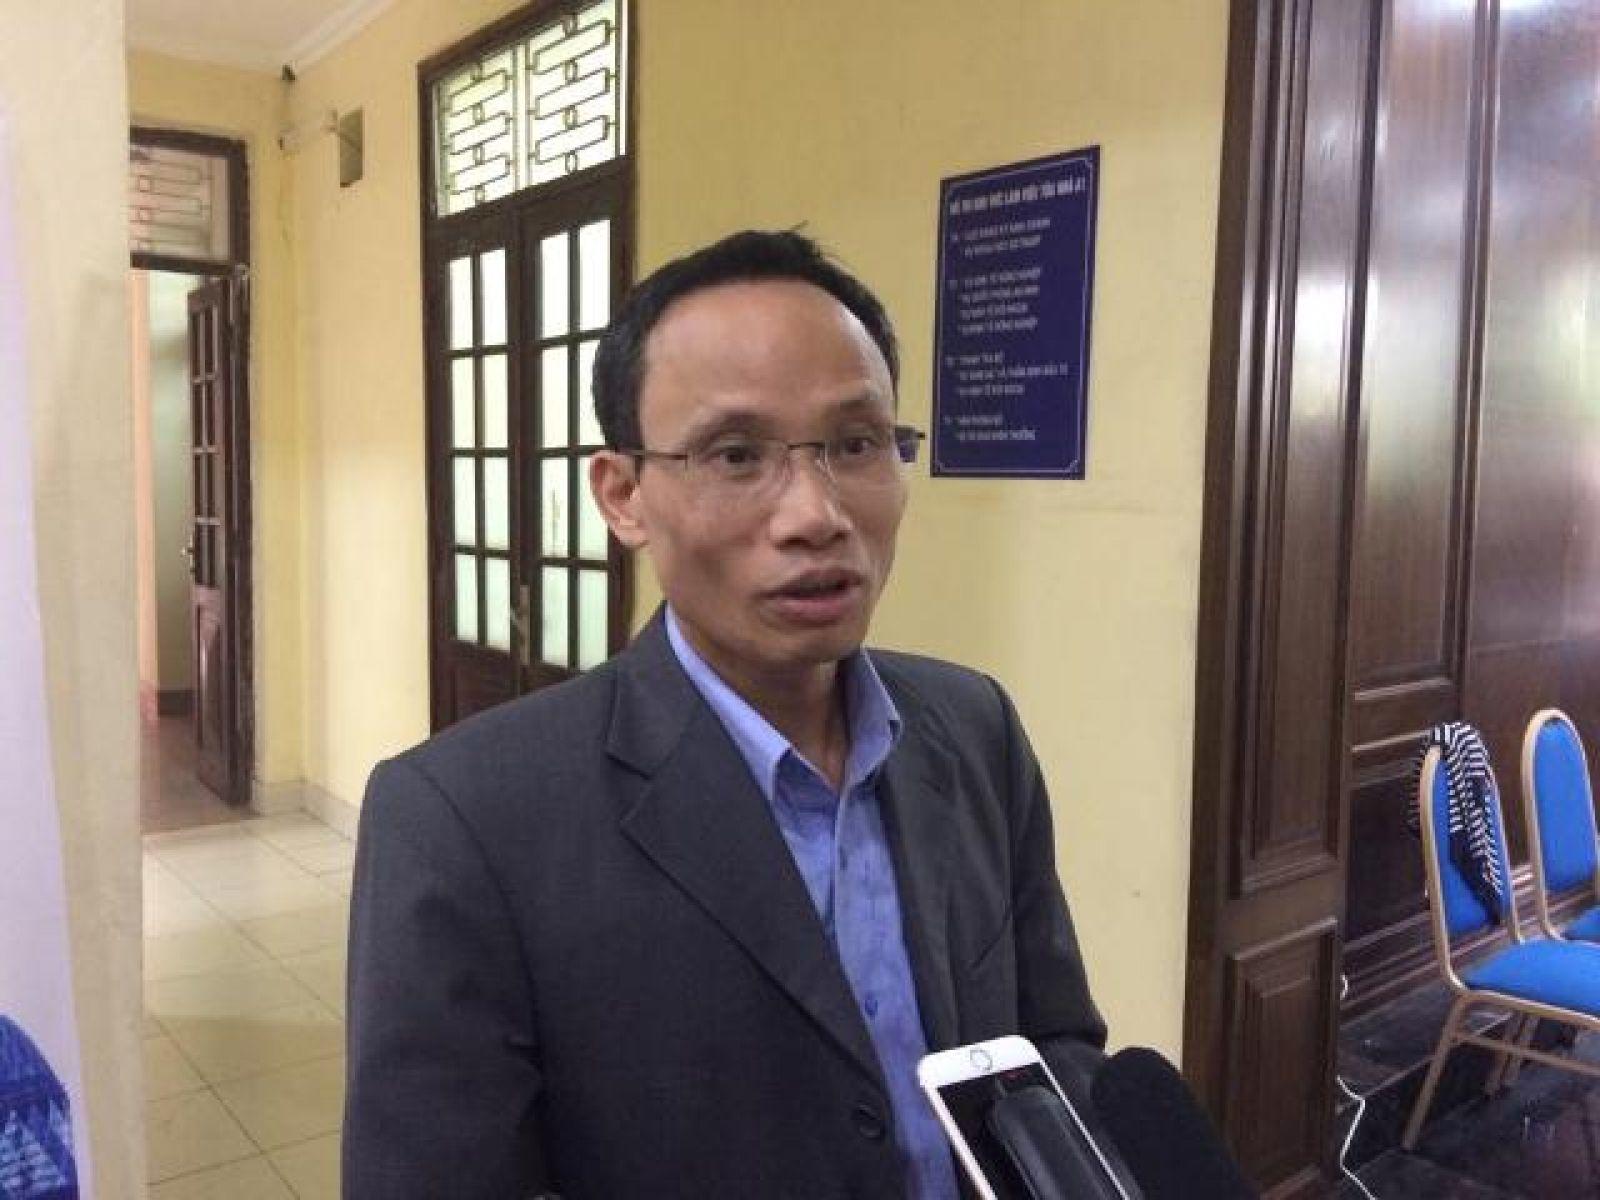 ông Cấn Văn Lực –Chuyên gia kinh tế trưởng BIDV. Ảnh: Nguyễn Việt